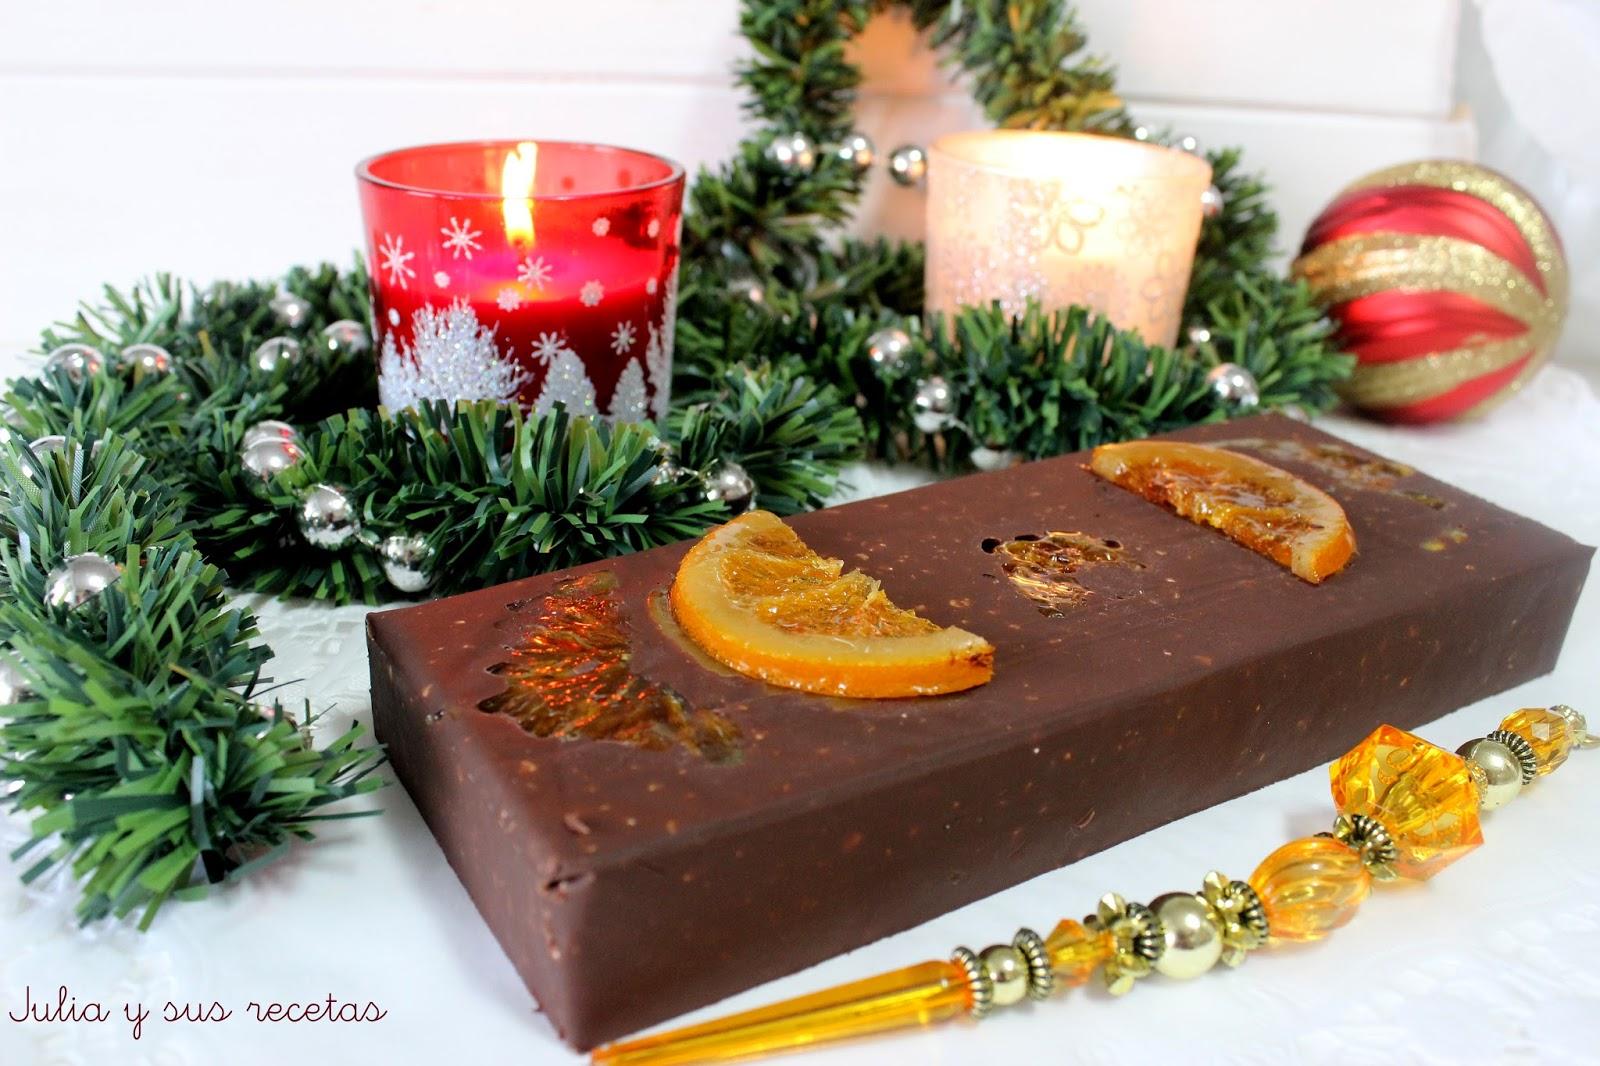 Turrón de chocolate y naranja confitada. Julia y sus recetas